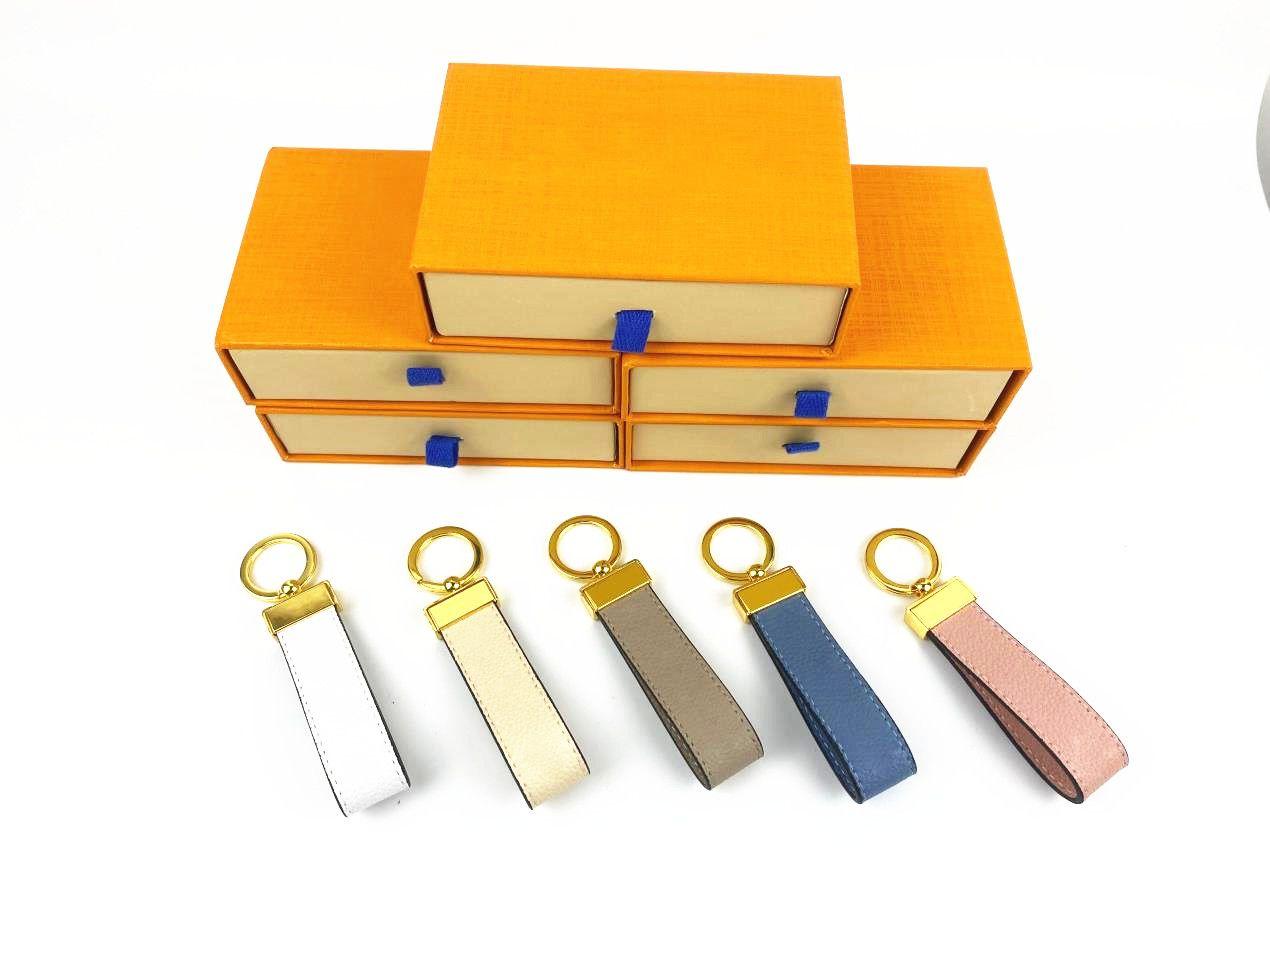 Maxi Dragonne 키 체인 버클 애호가 자동차 디자이너 키 체인 수제 가죽 모노그램 키 체인 남자 여성 가방 펜던트 액세서리 6 색 상자